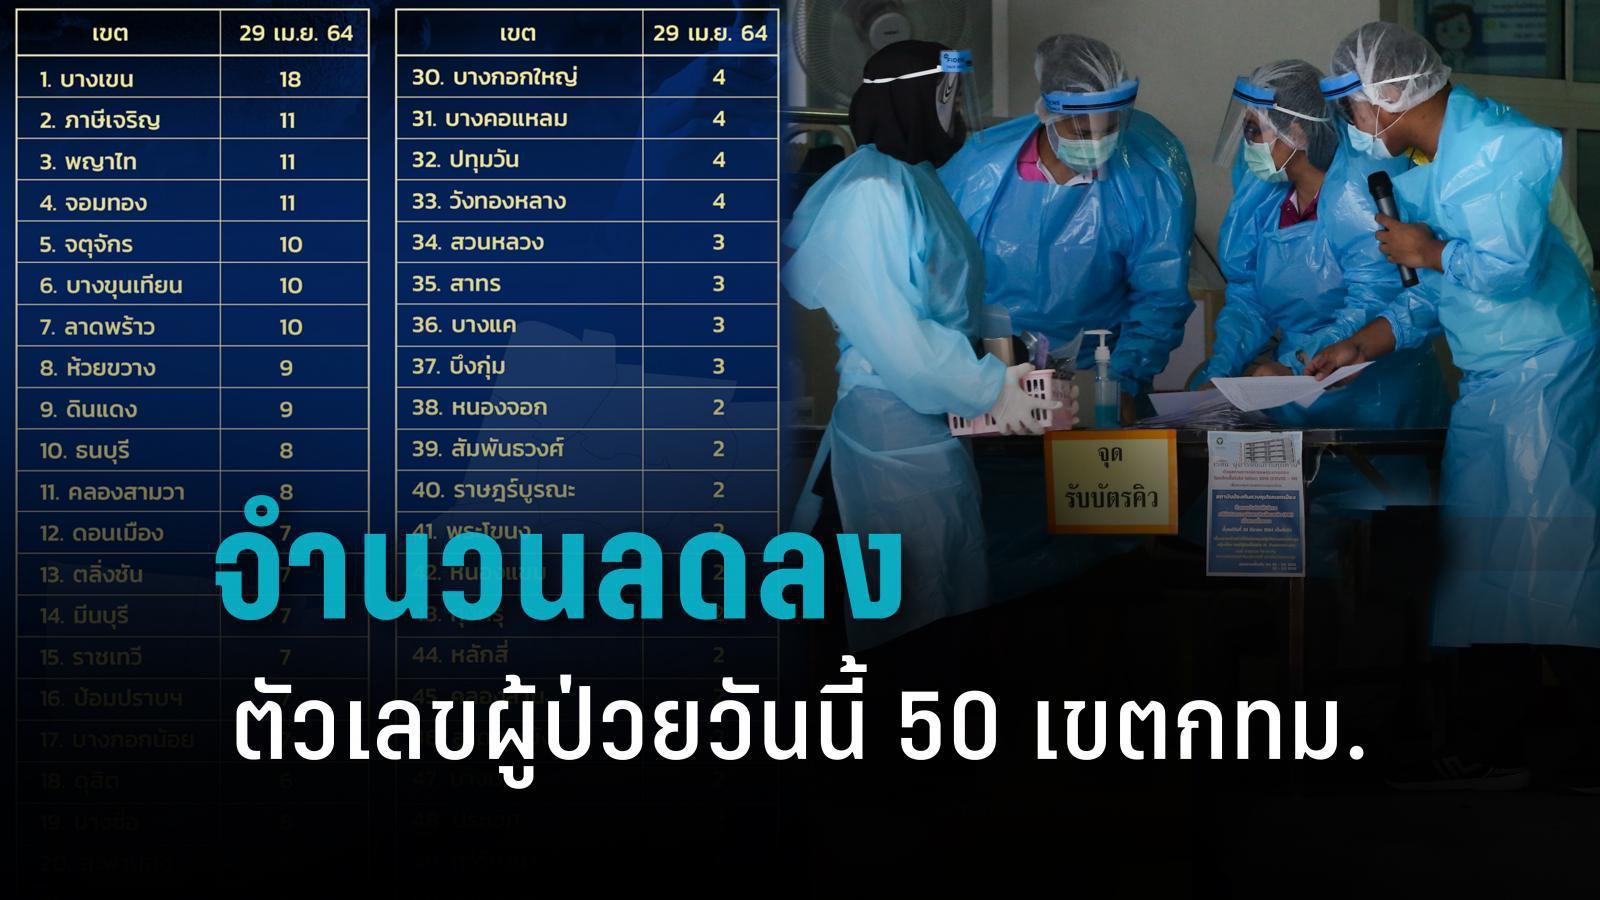 เช็ก 50 เขตกทม. จำนวนผู้ป่วยโควิด-19 วันนี้ ตัวเลขลดลง